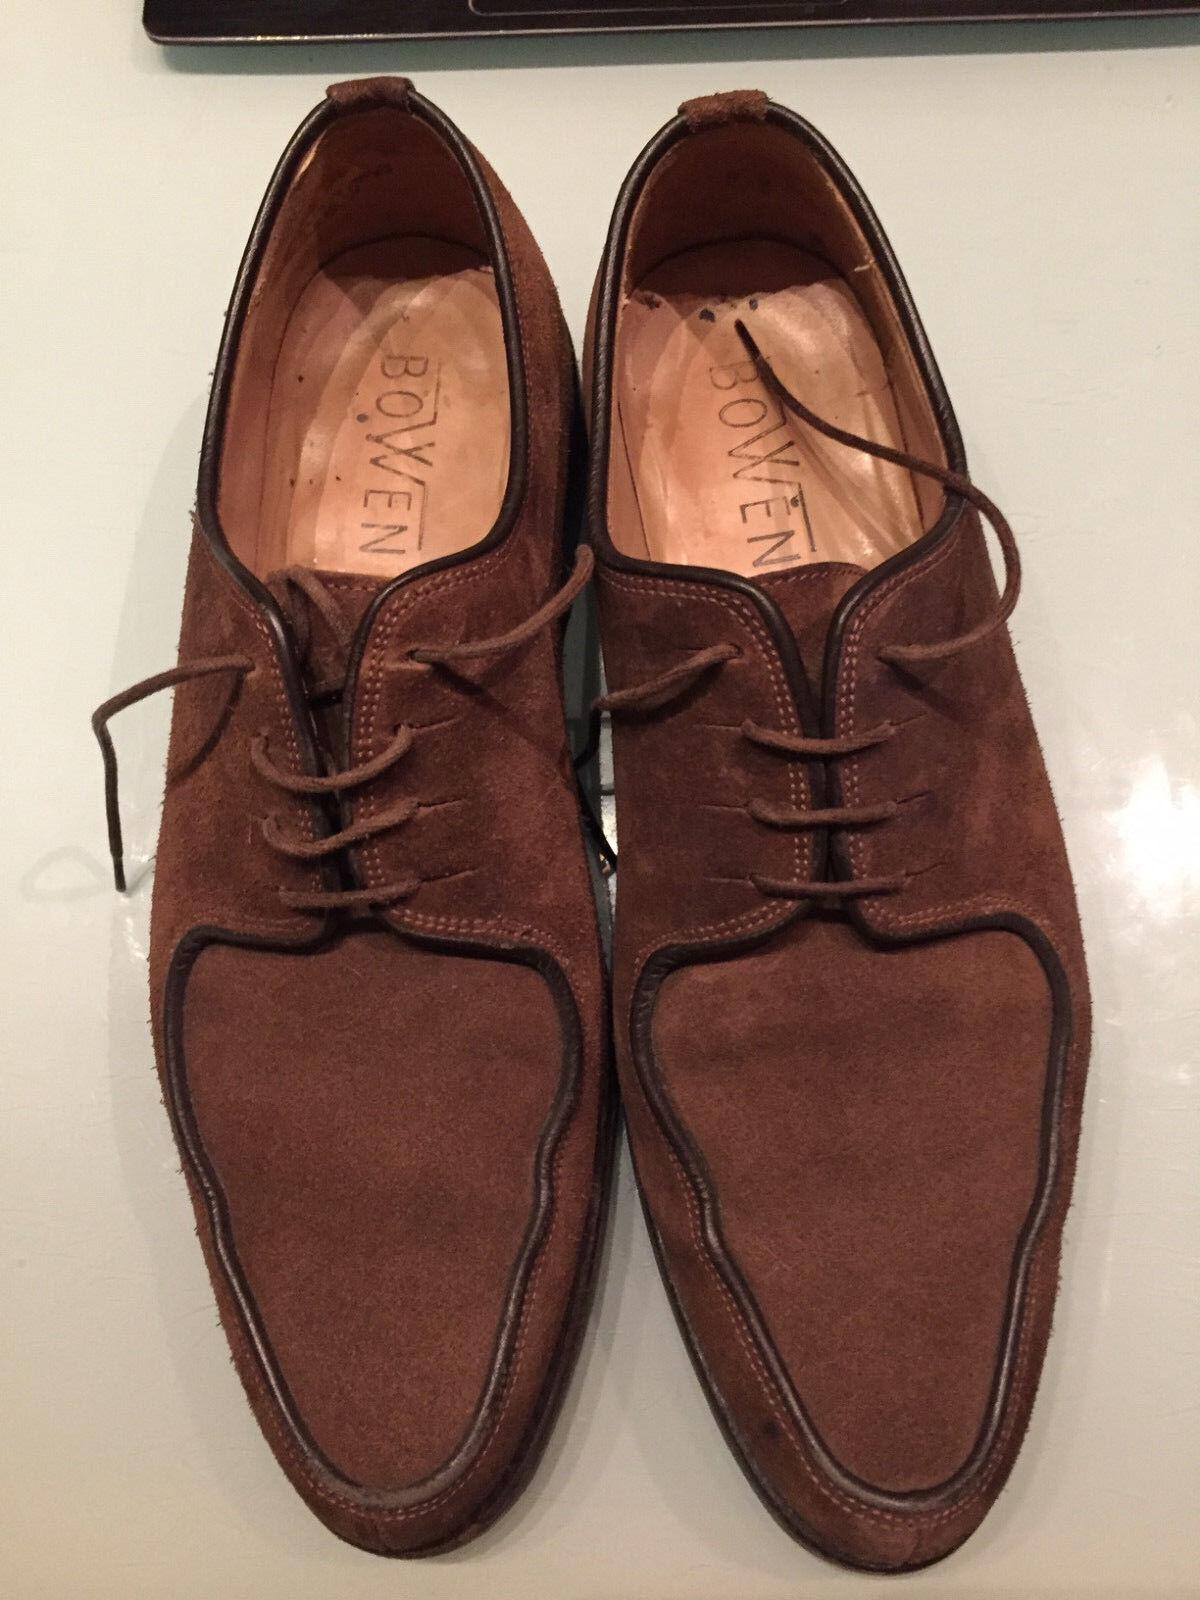 Bowen Zapatos De Gamuza-DAINITE Sole-bueno para la Iglesia